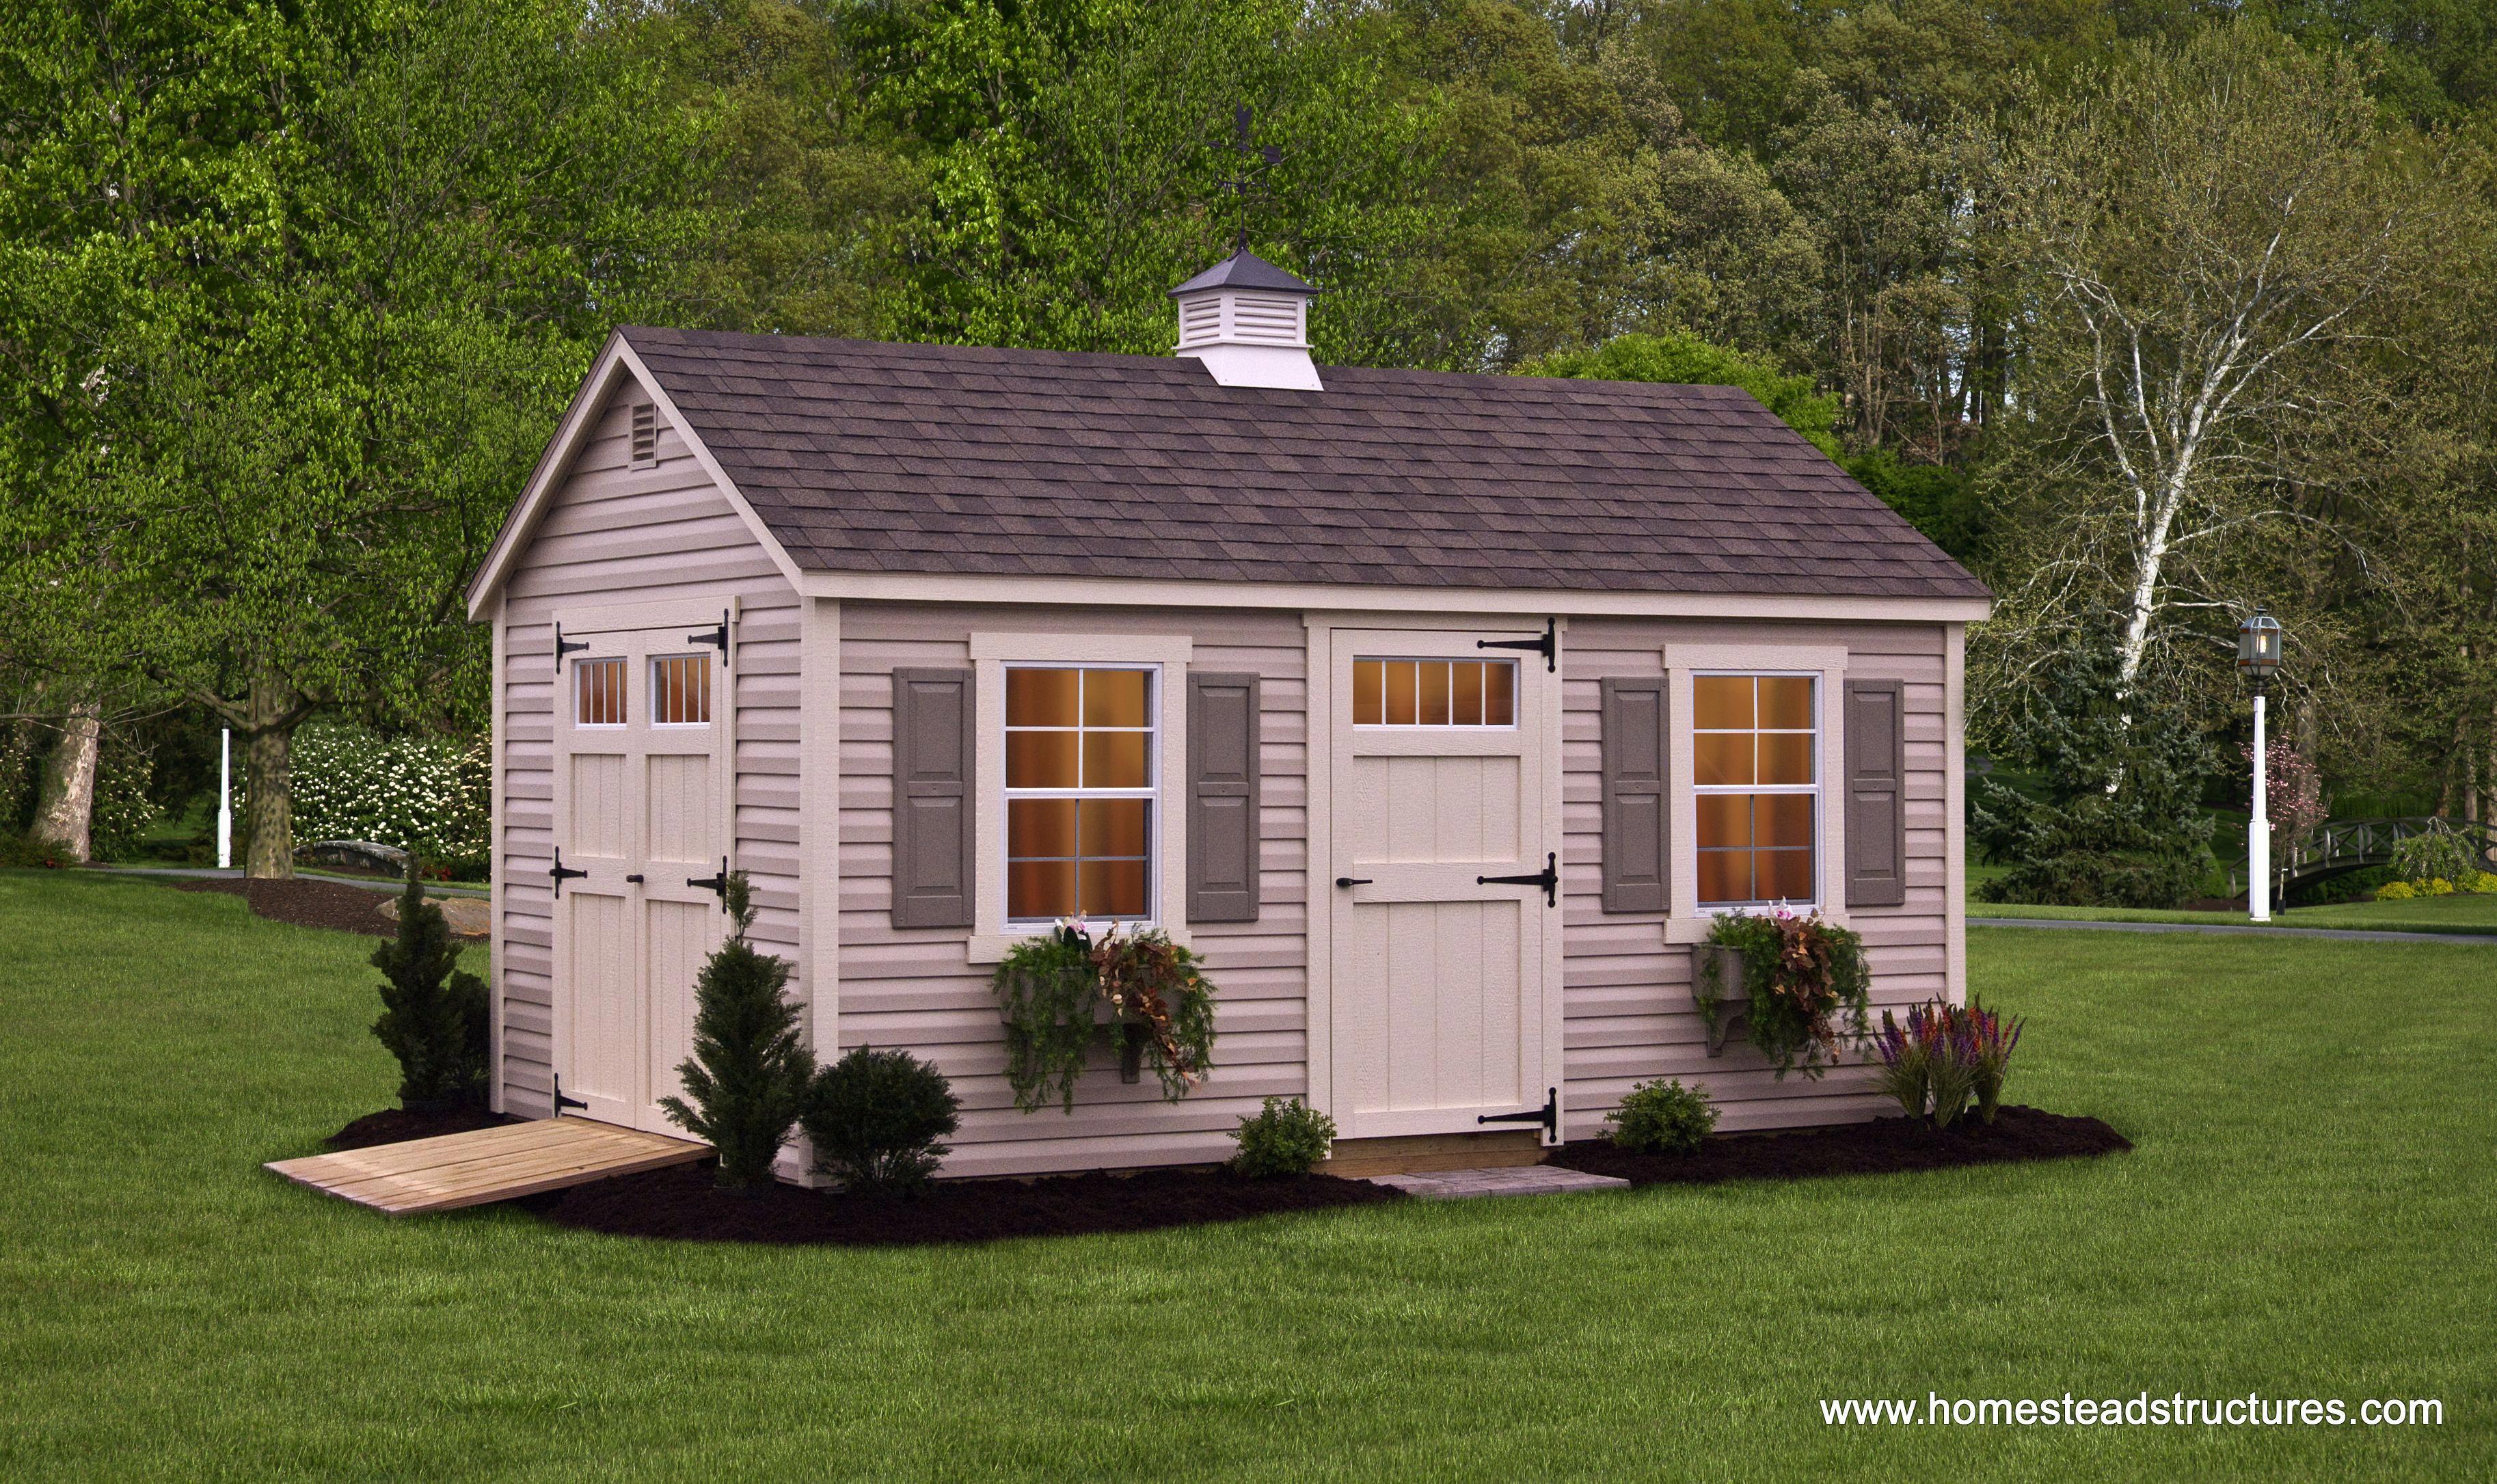 Custom Storage Sheds For Sale Garden Sheds Amish Sheds Homestead Structures Buildingagardenshed Shed Plans Shed Building Plans Building A Shed